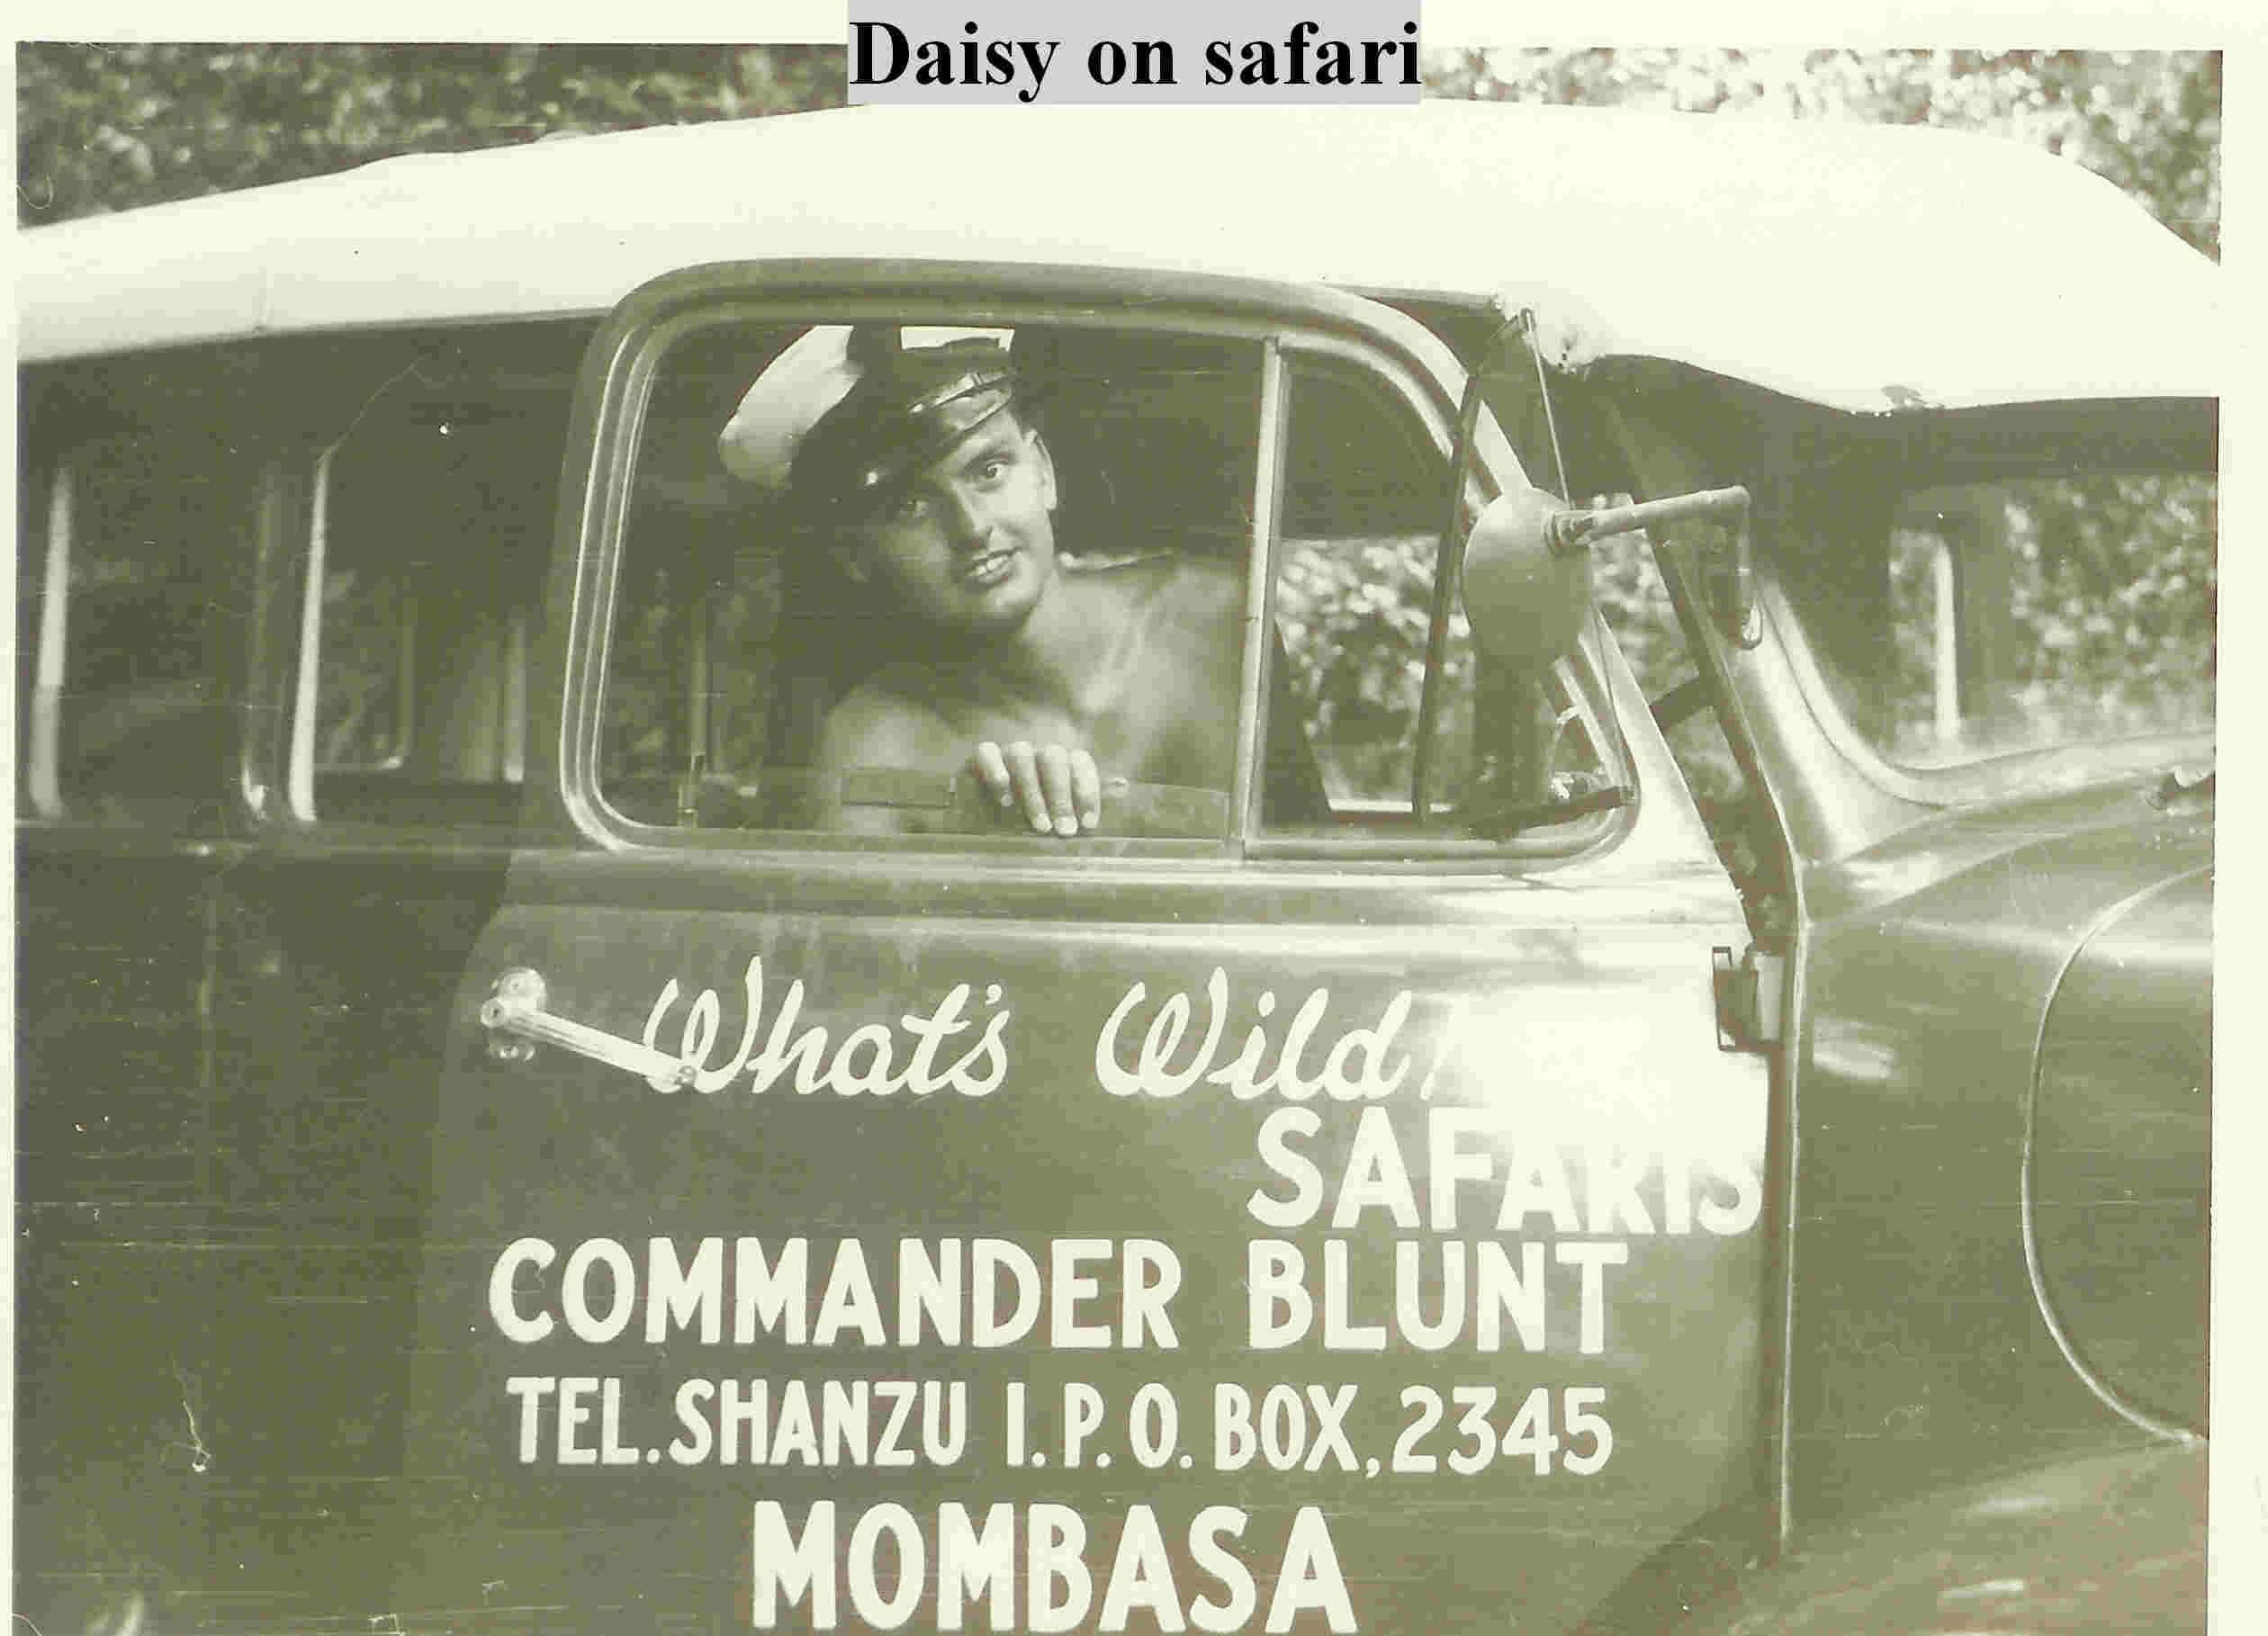 Daisy, Mombasa